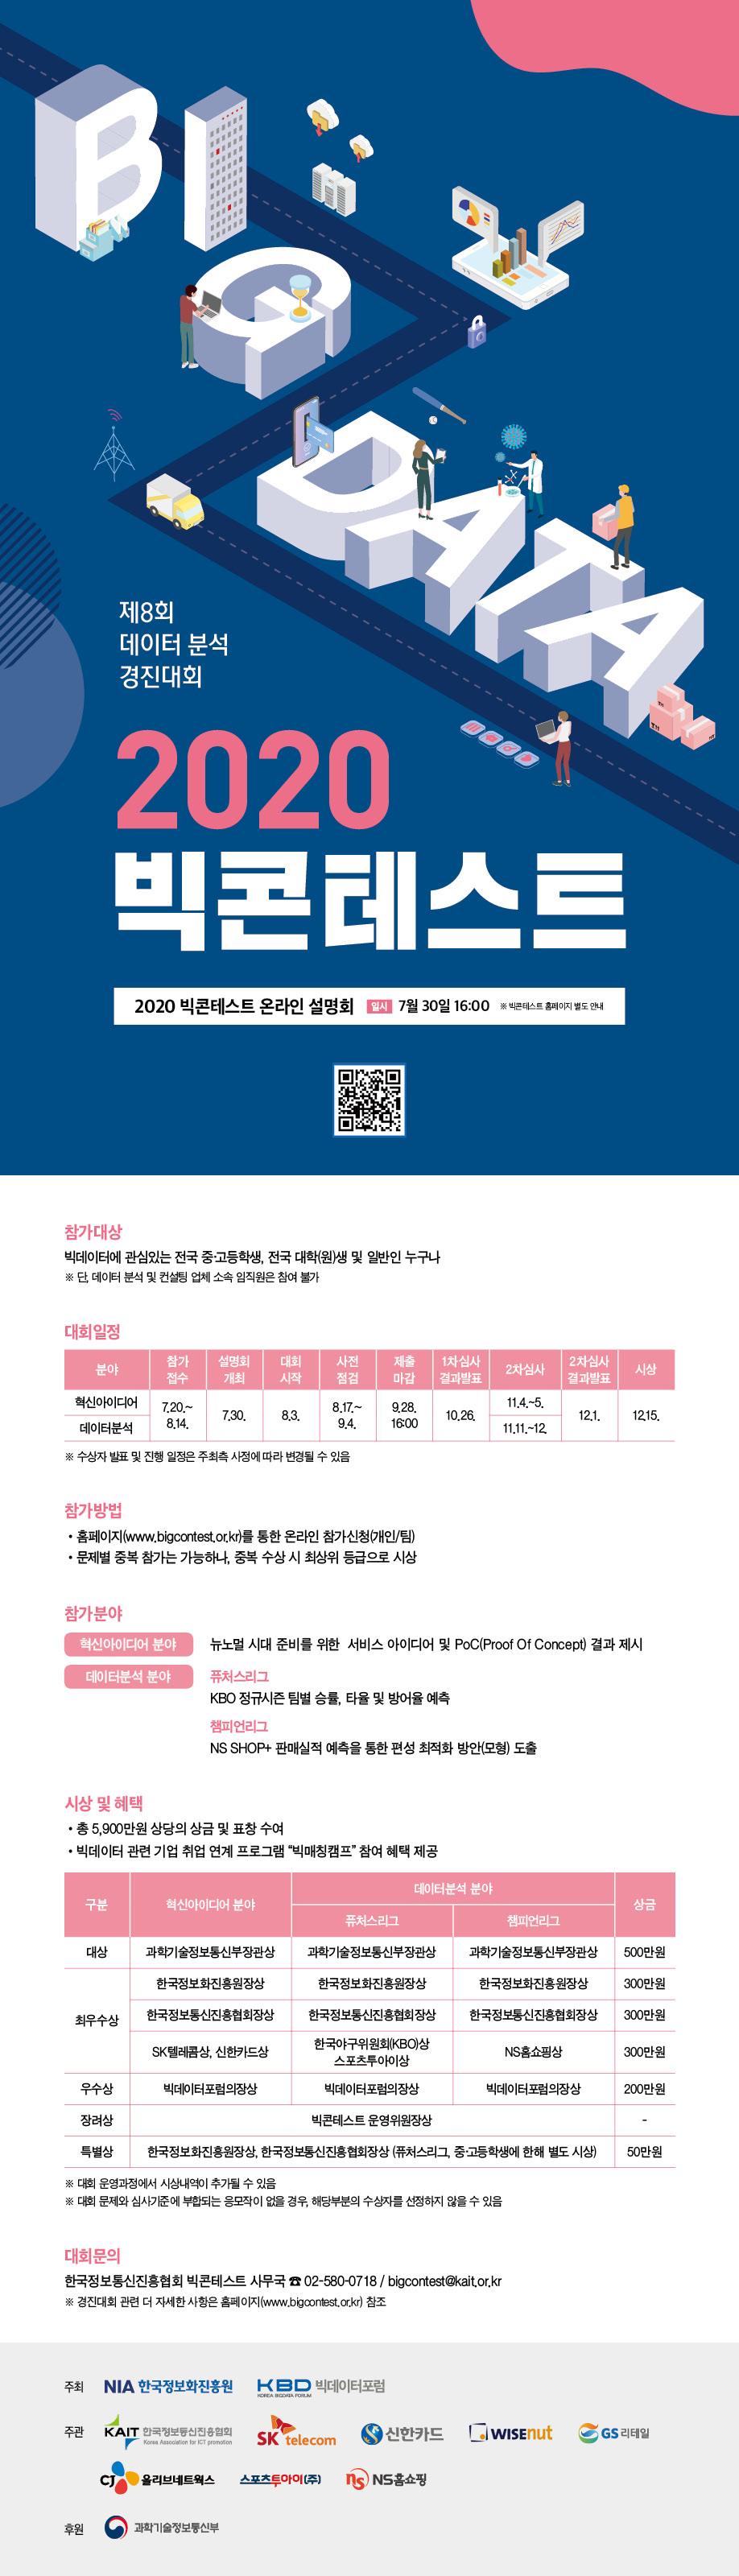 [한국정보화진흥원,빅데이터포럼] 제8회 데이터분석 경진대회 2020 빅콘테스트 개최